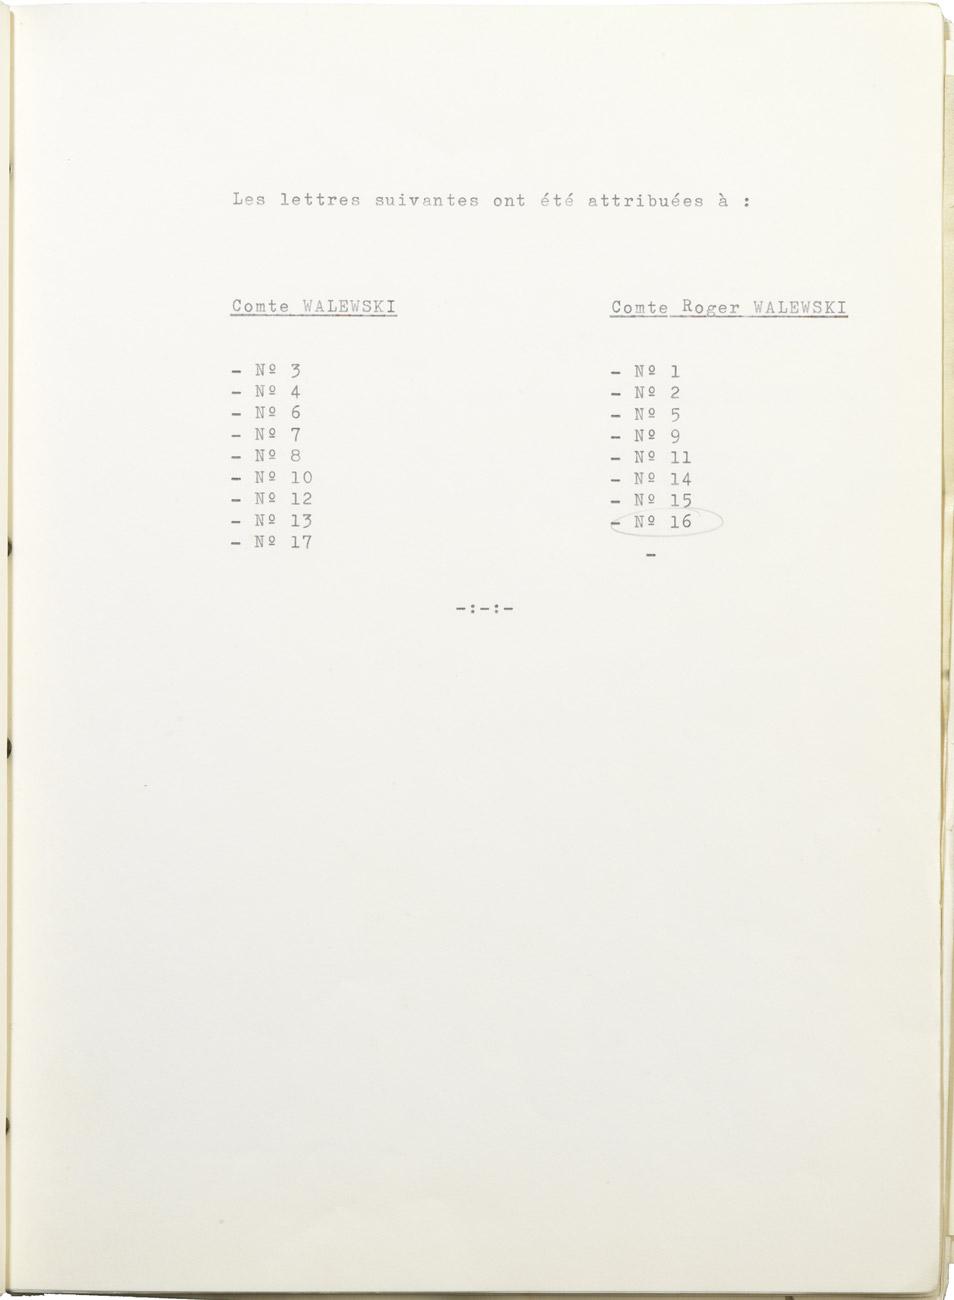 Partage de la correspondance de Napoléon et Marie Walewska - Patrimoine Charles-André COLONNA WALEWSKI, en ligne directe de Napoléon